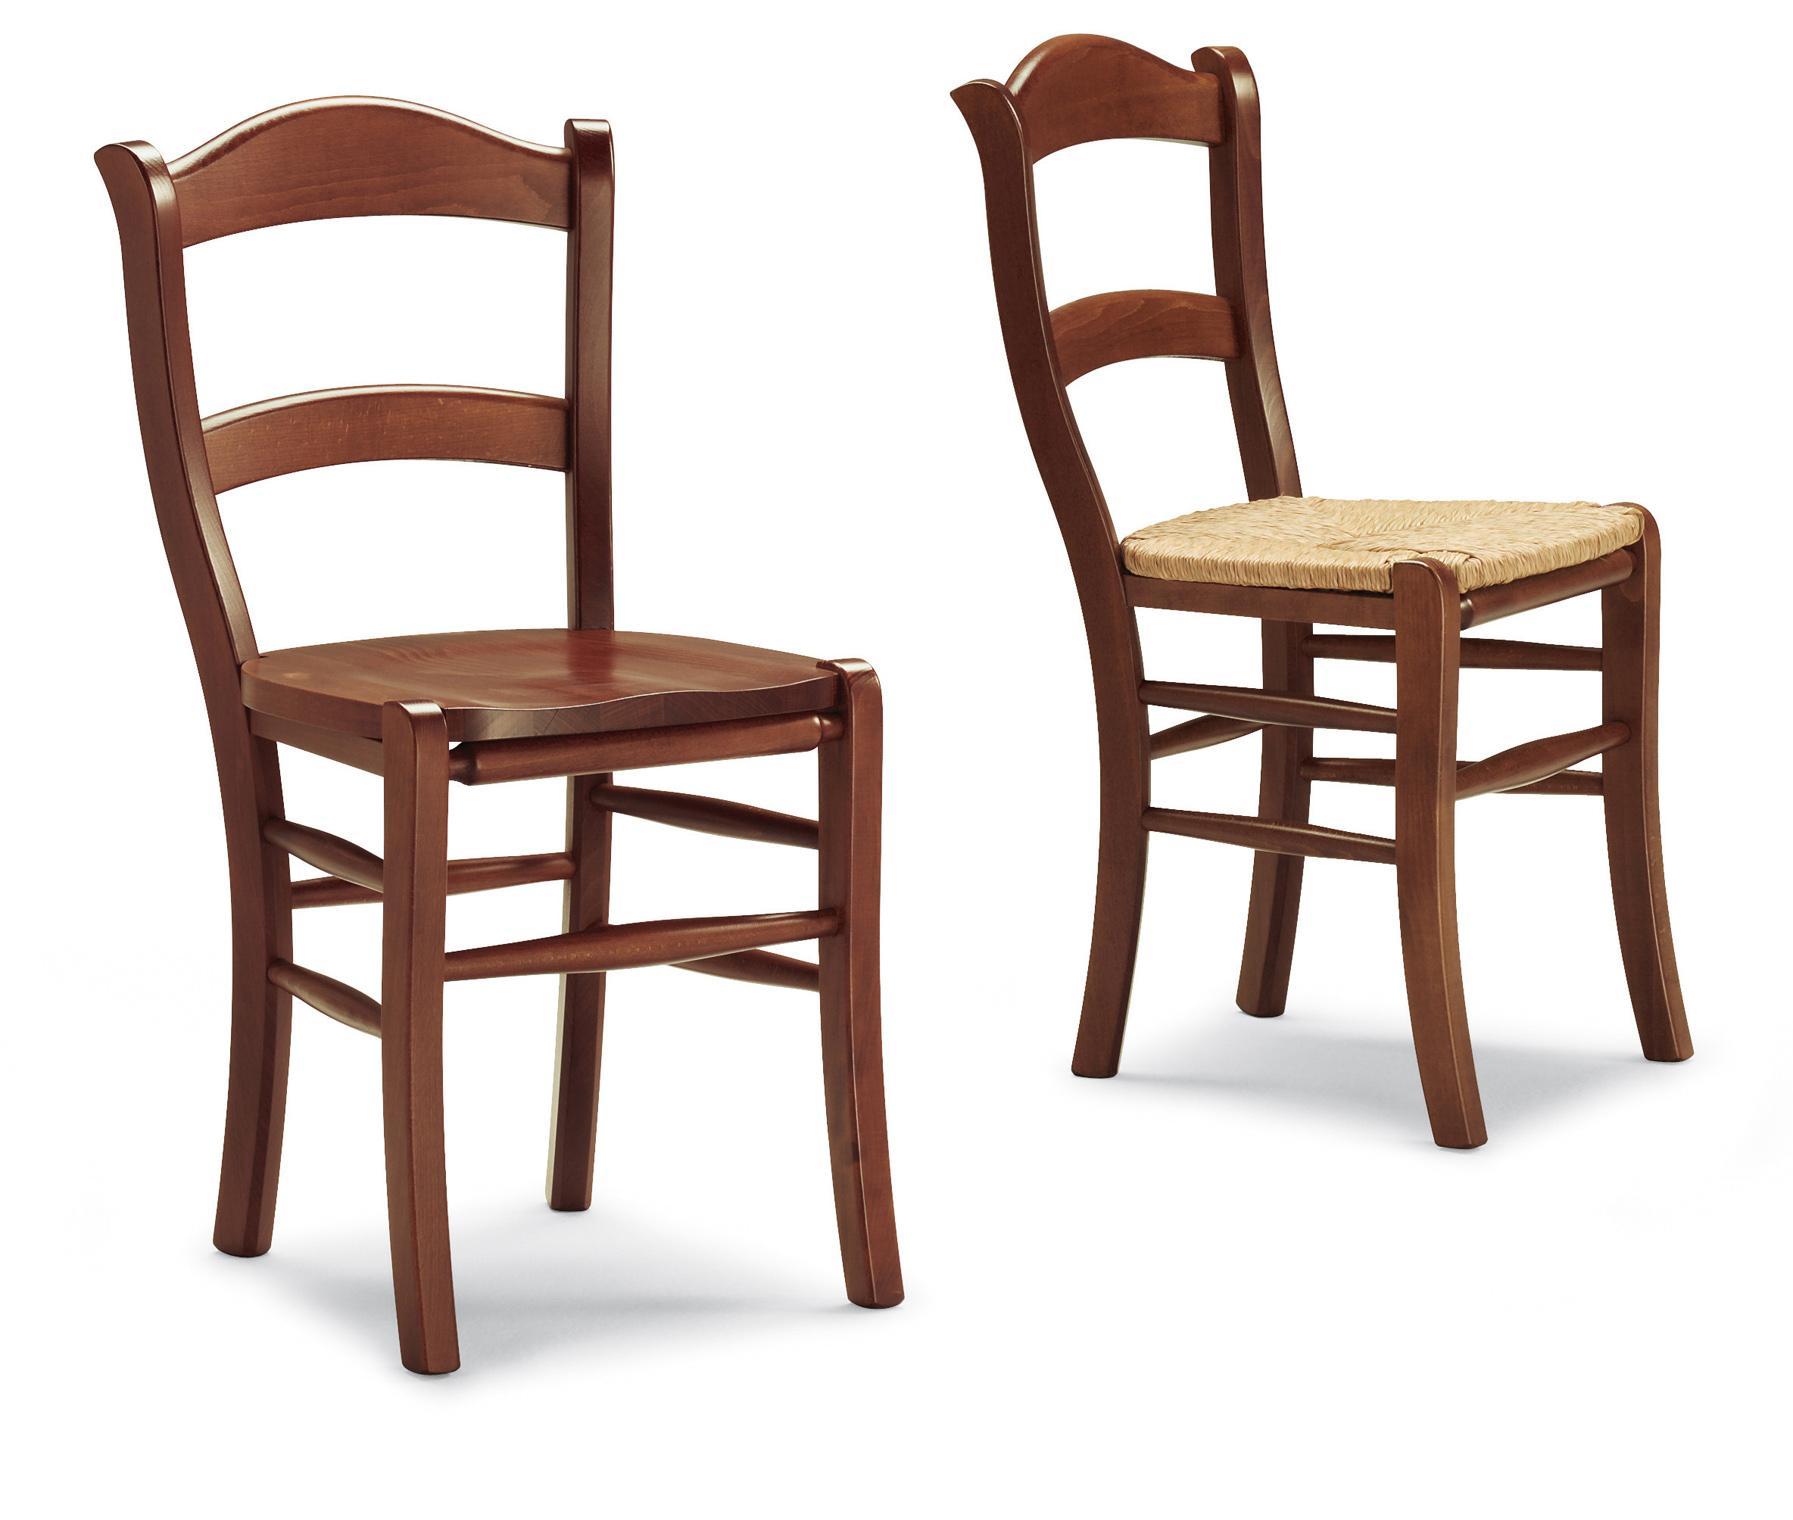 chaises de cuisine design 4 0 10000 0 pi ces. Black Bedroom Furniture Sets. Home Design Ideas